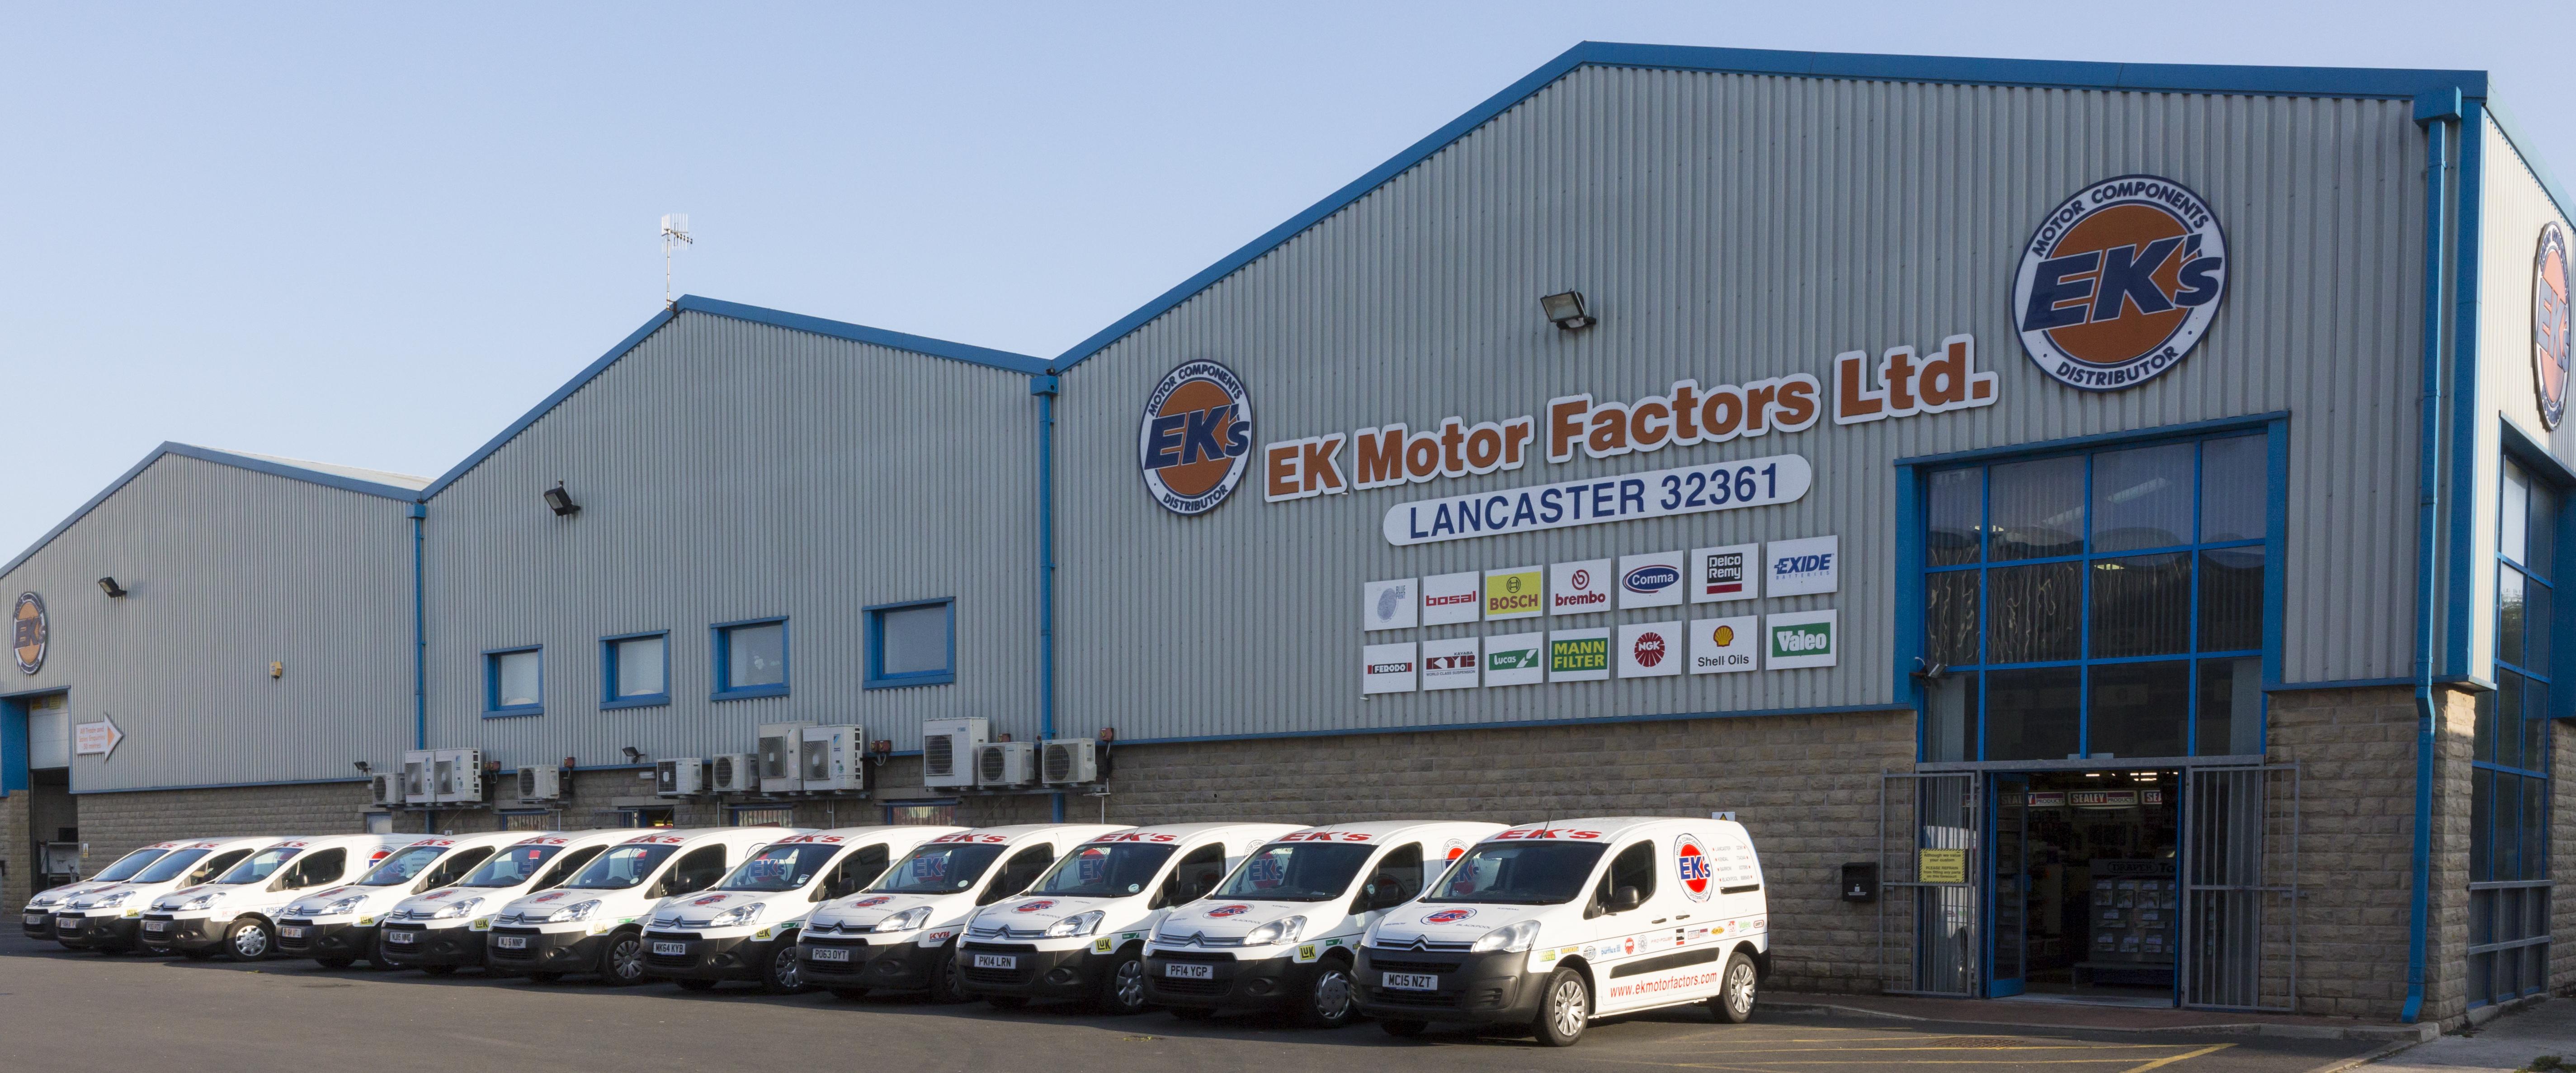 car parts Lancaster, EK's